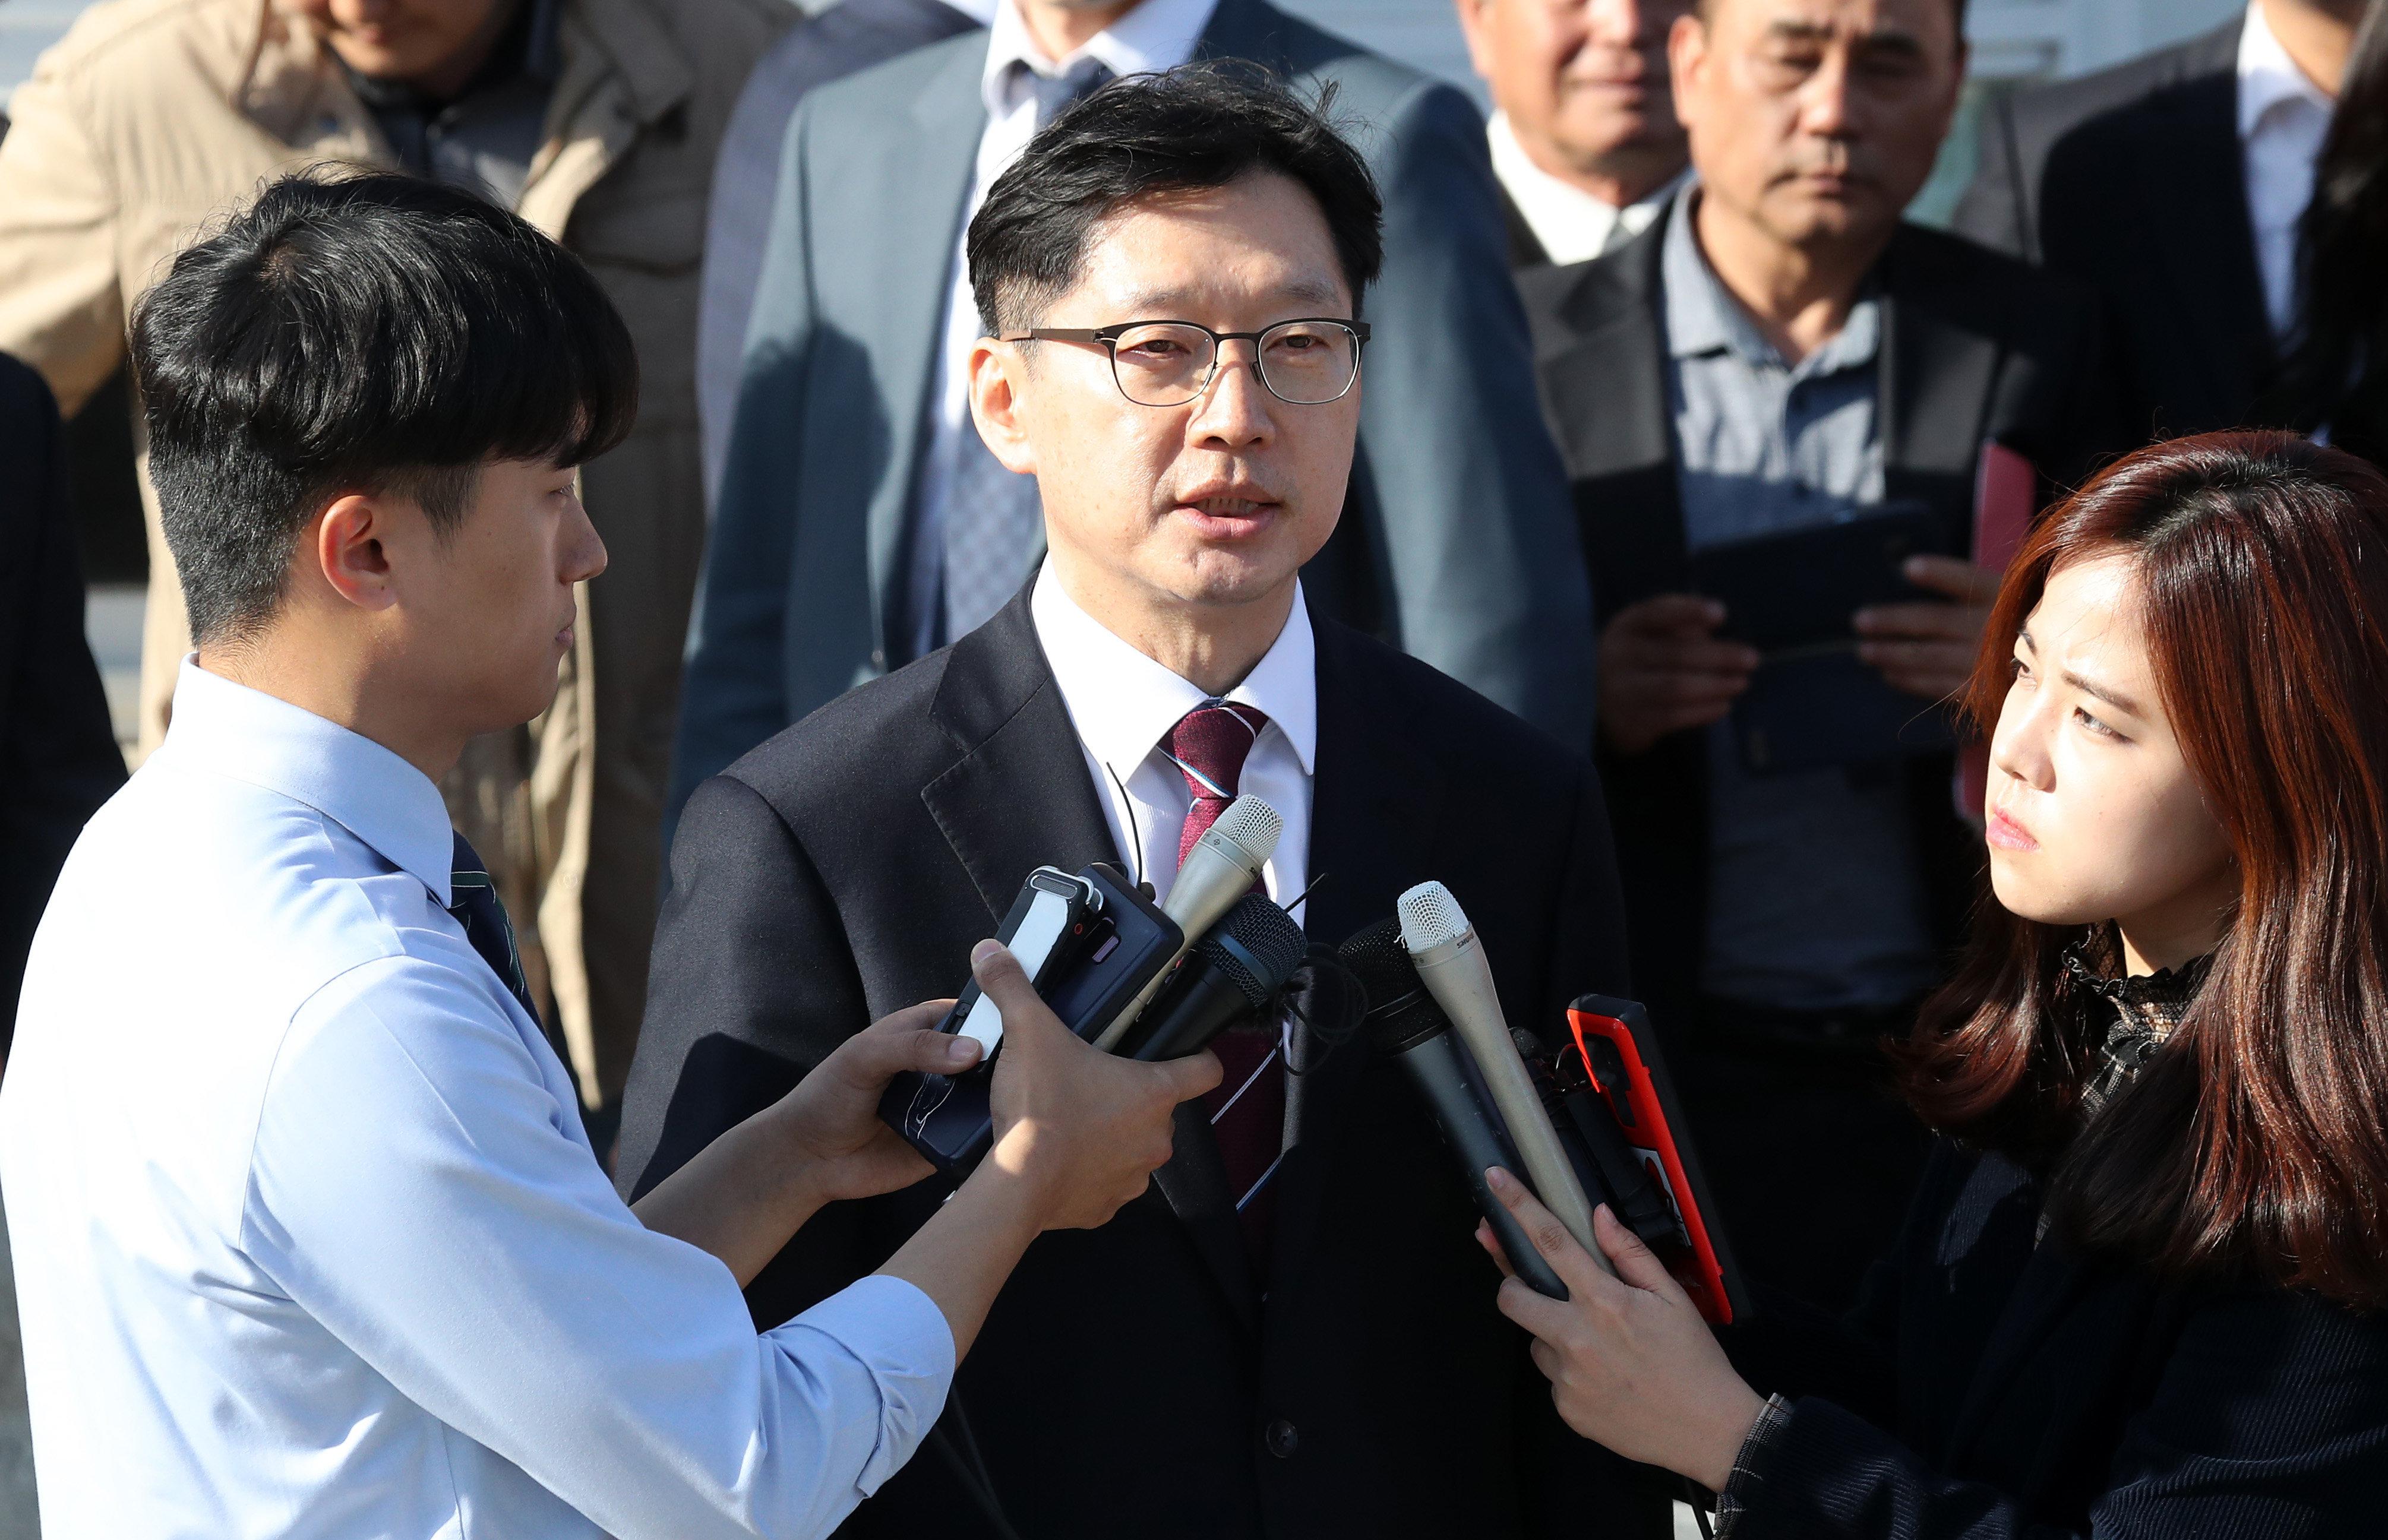 77일 만에 석방된 김경수 지사가 구치소 나서면서 한